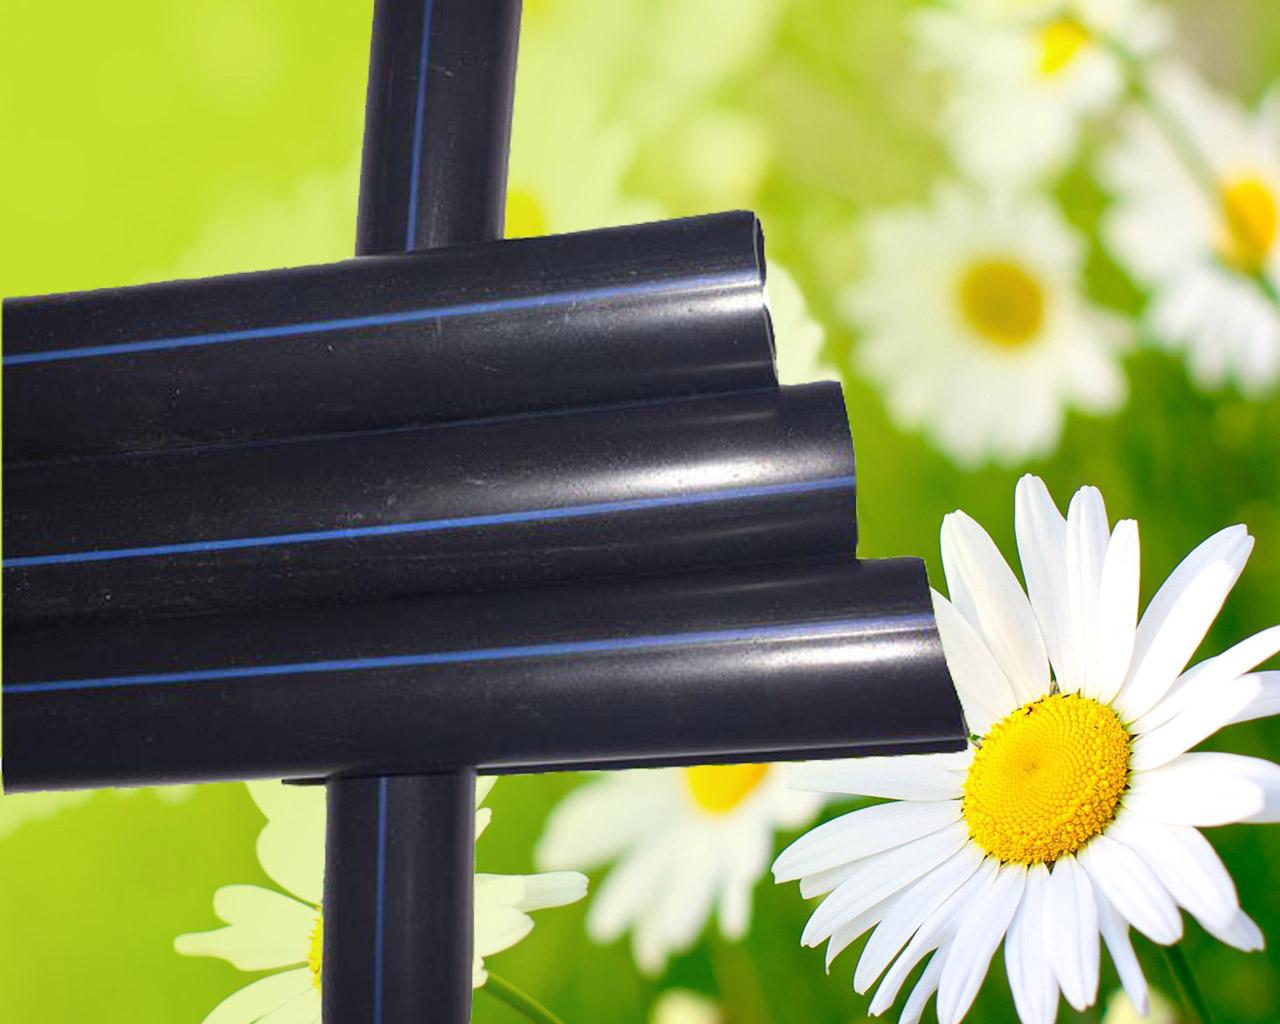 花卉观赏花种植滴灌管材滴灌设备花卉观赏花种植滴灌管材滴灌设备